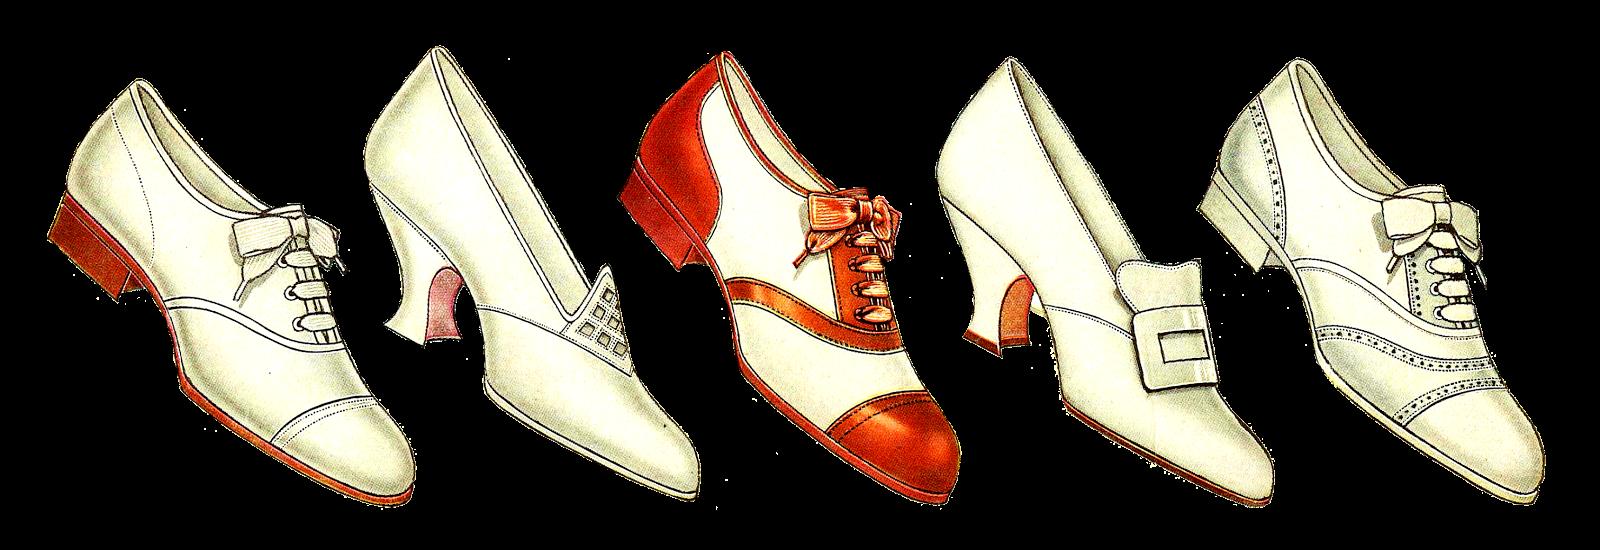 Excellent  Free Fashion Clip Art Women39s Vintage Shoe Fashion Of 5 Shoes Border